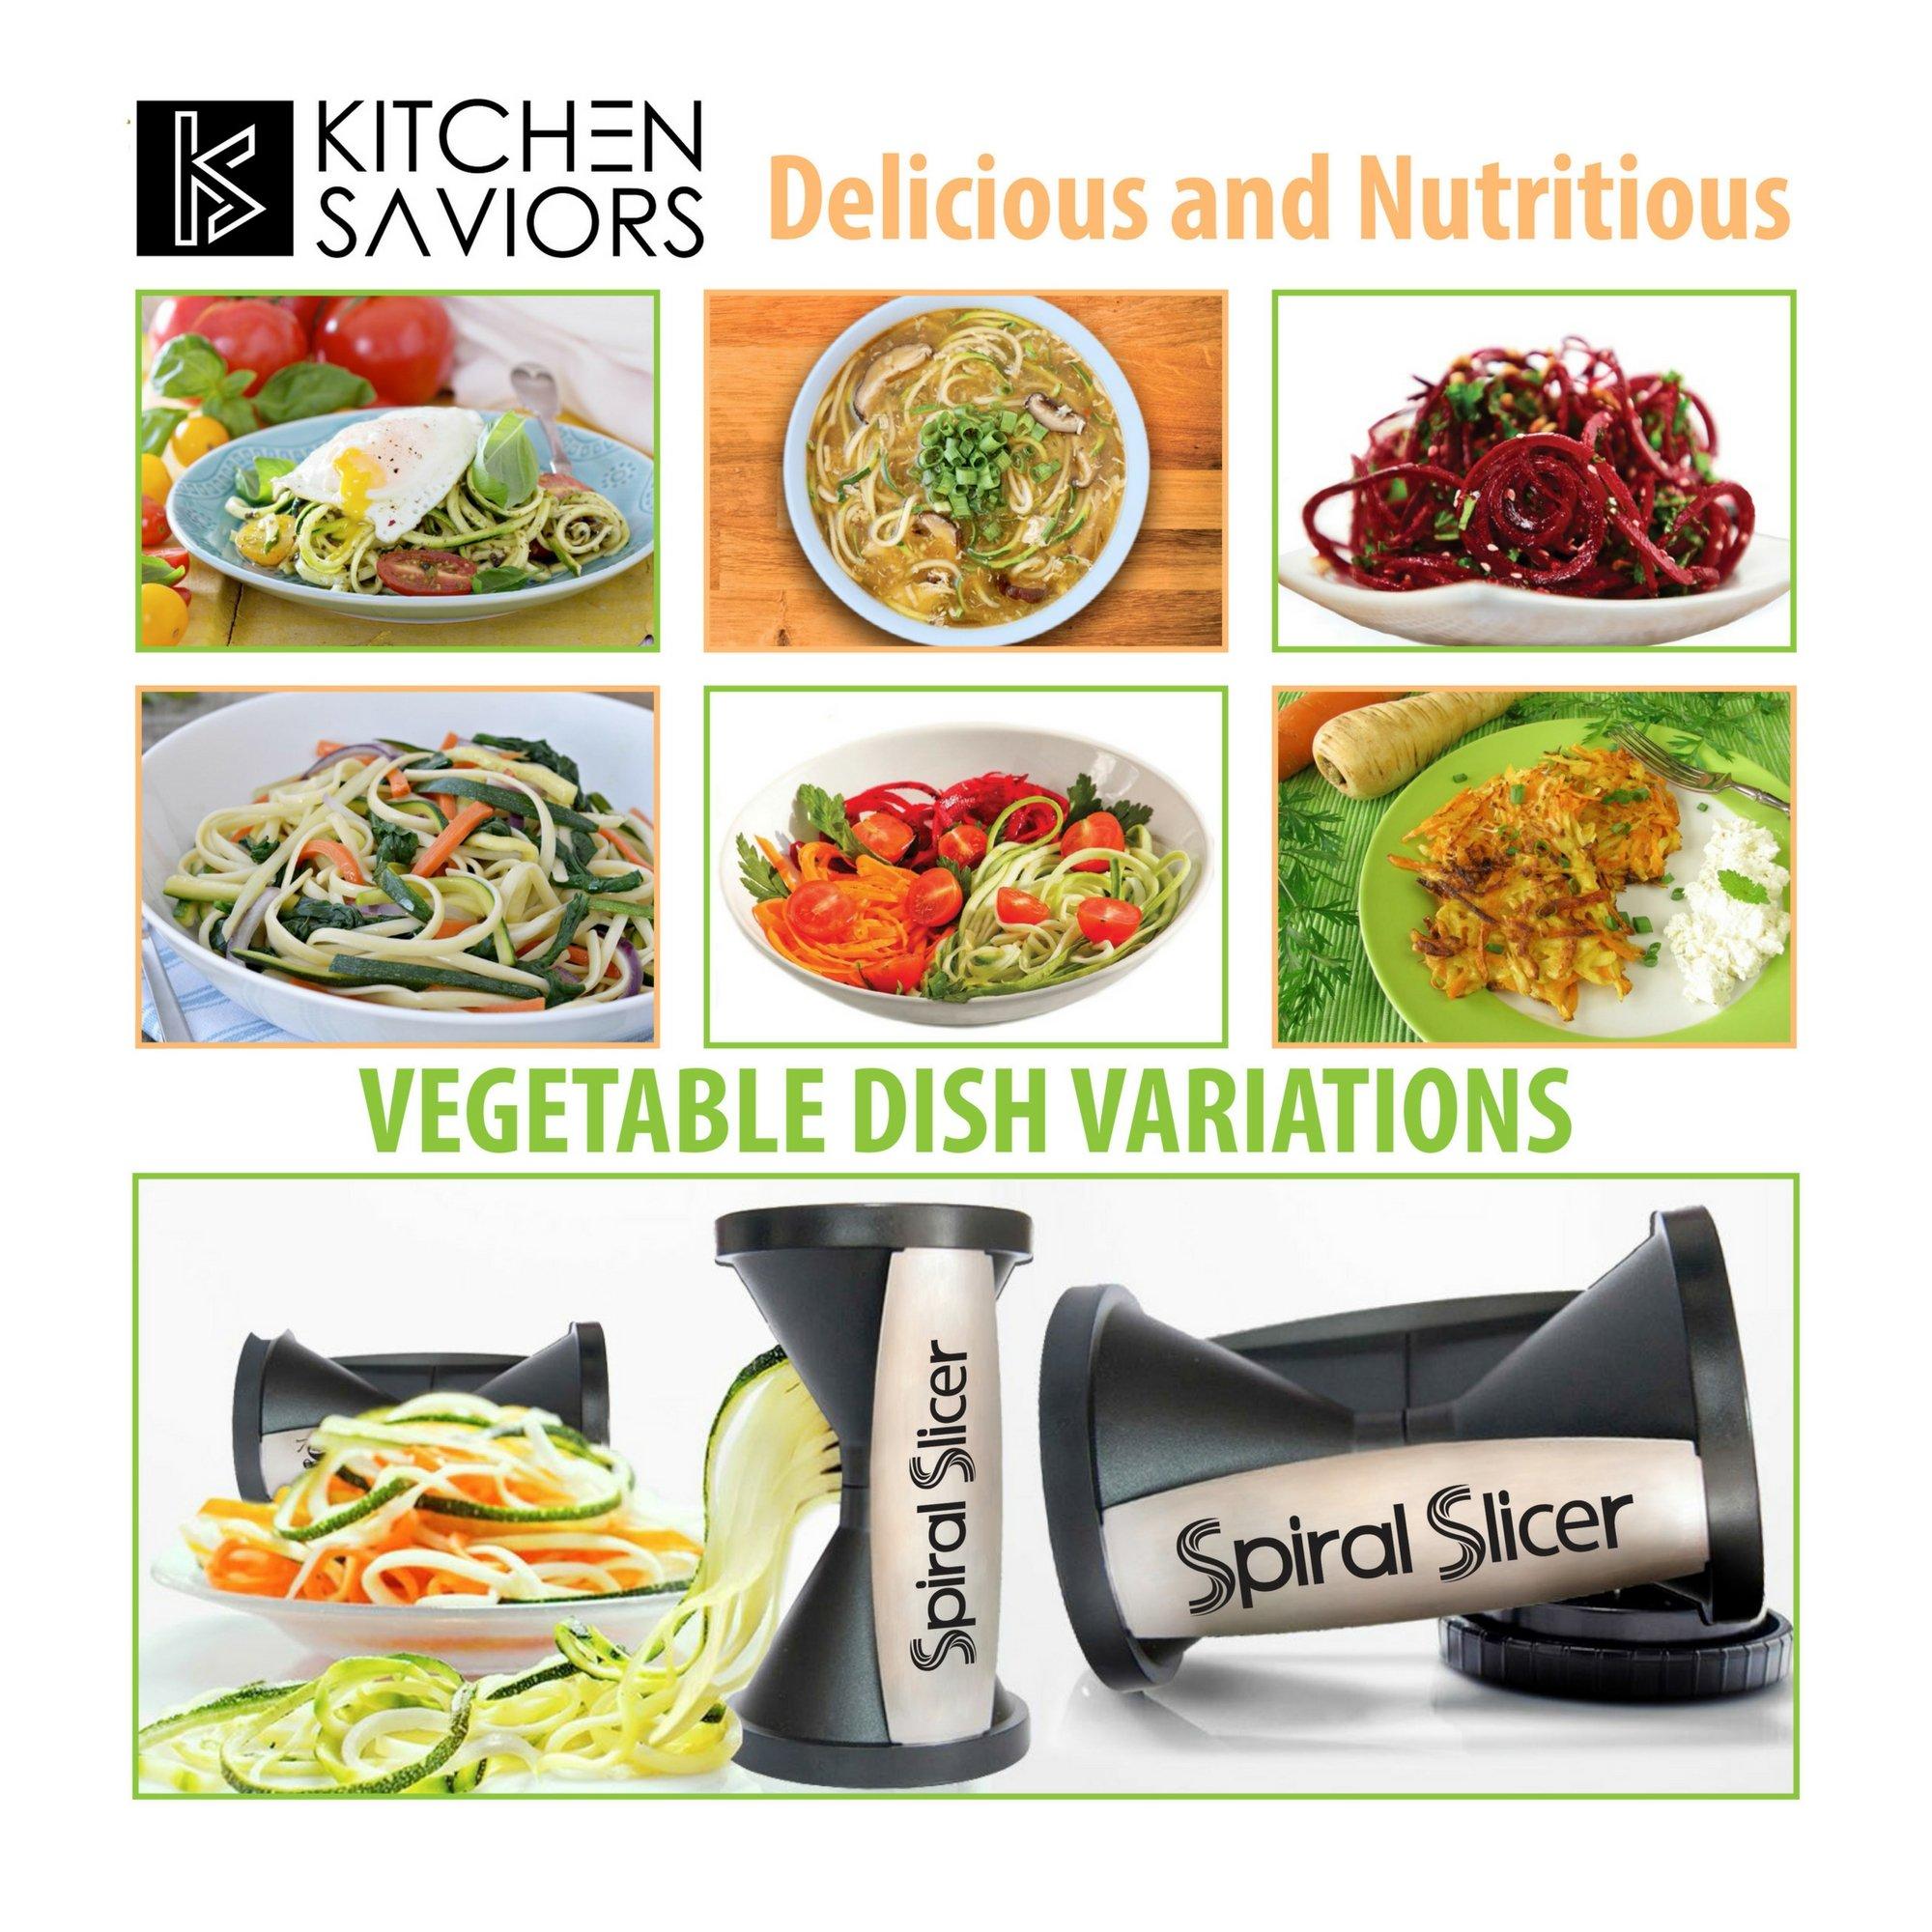 Spiral Slicer Vegetable Zoodle Spiralizer - Veggie Noodle Maker Pasta Cutter - With Kitchen Peeler Bundle by Kitchen Saviors (Image #6)